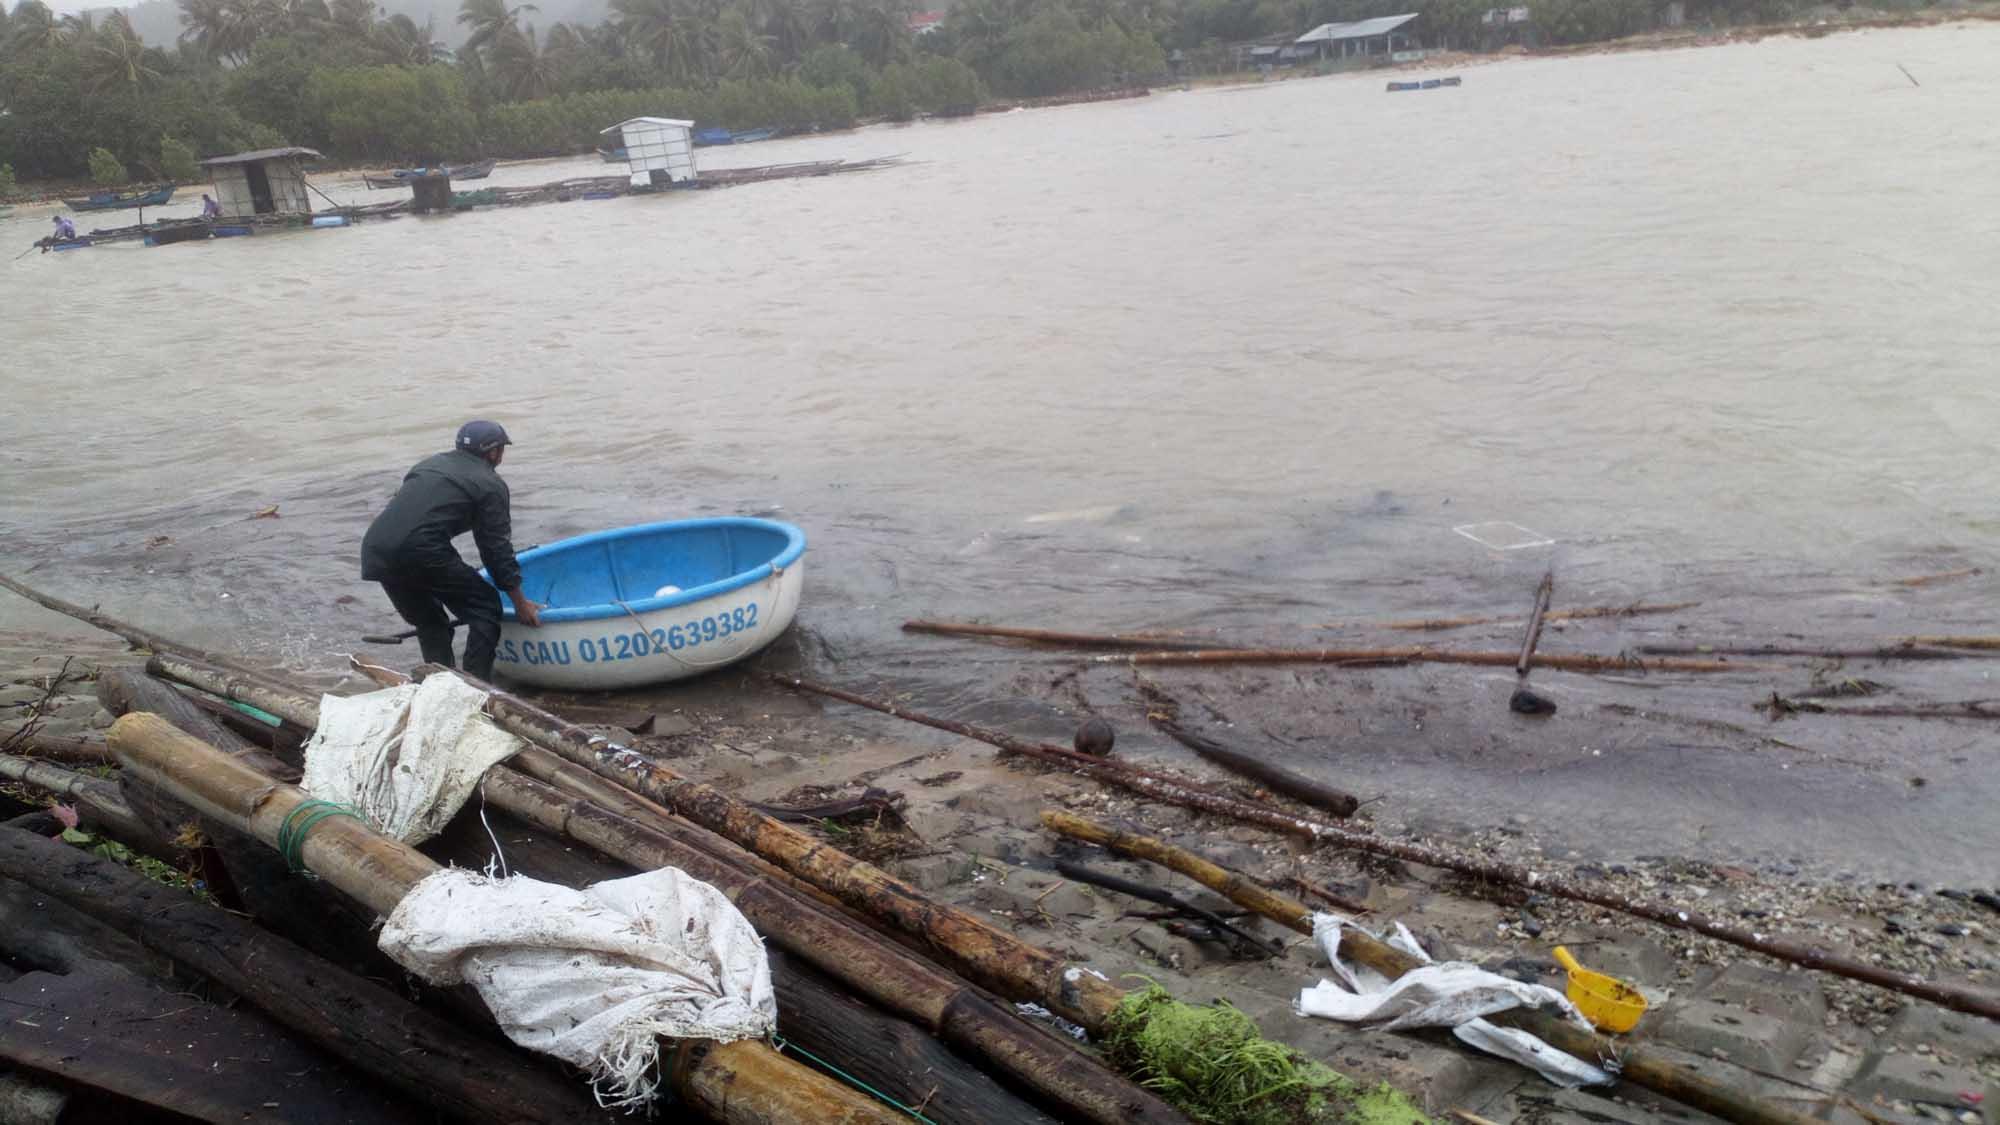 Phú Yên: Hàng ngàn lồng nuôi tôm hùm tiền tỷ bị bão số 12 thổi bay - Hình 1